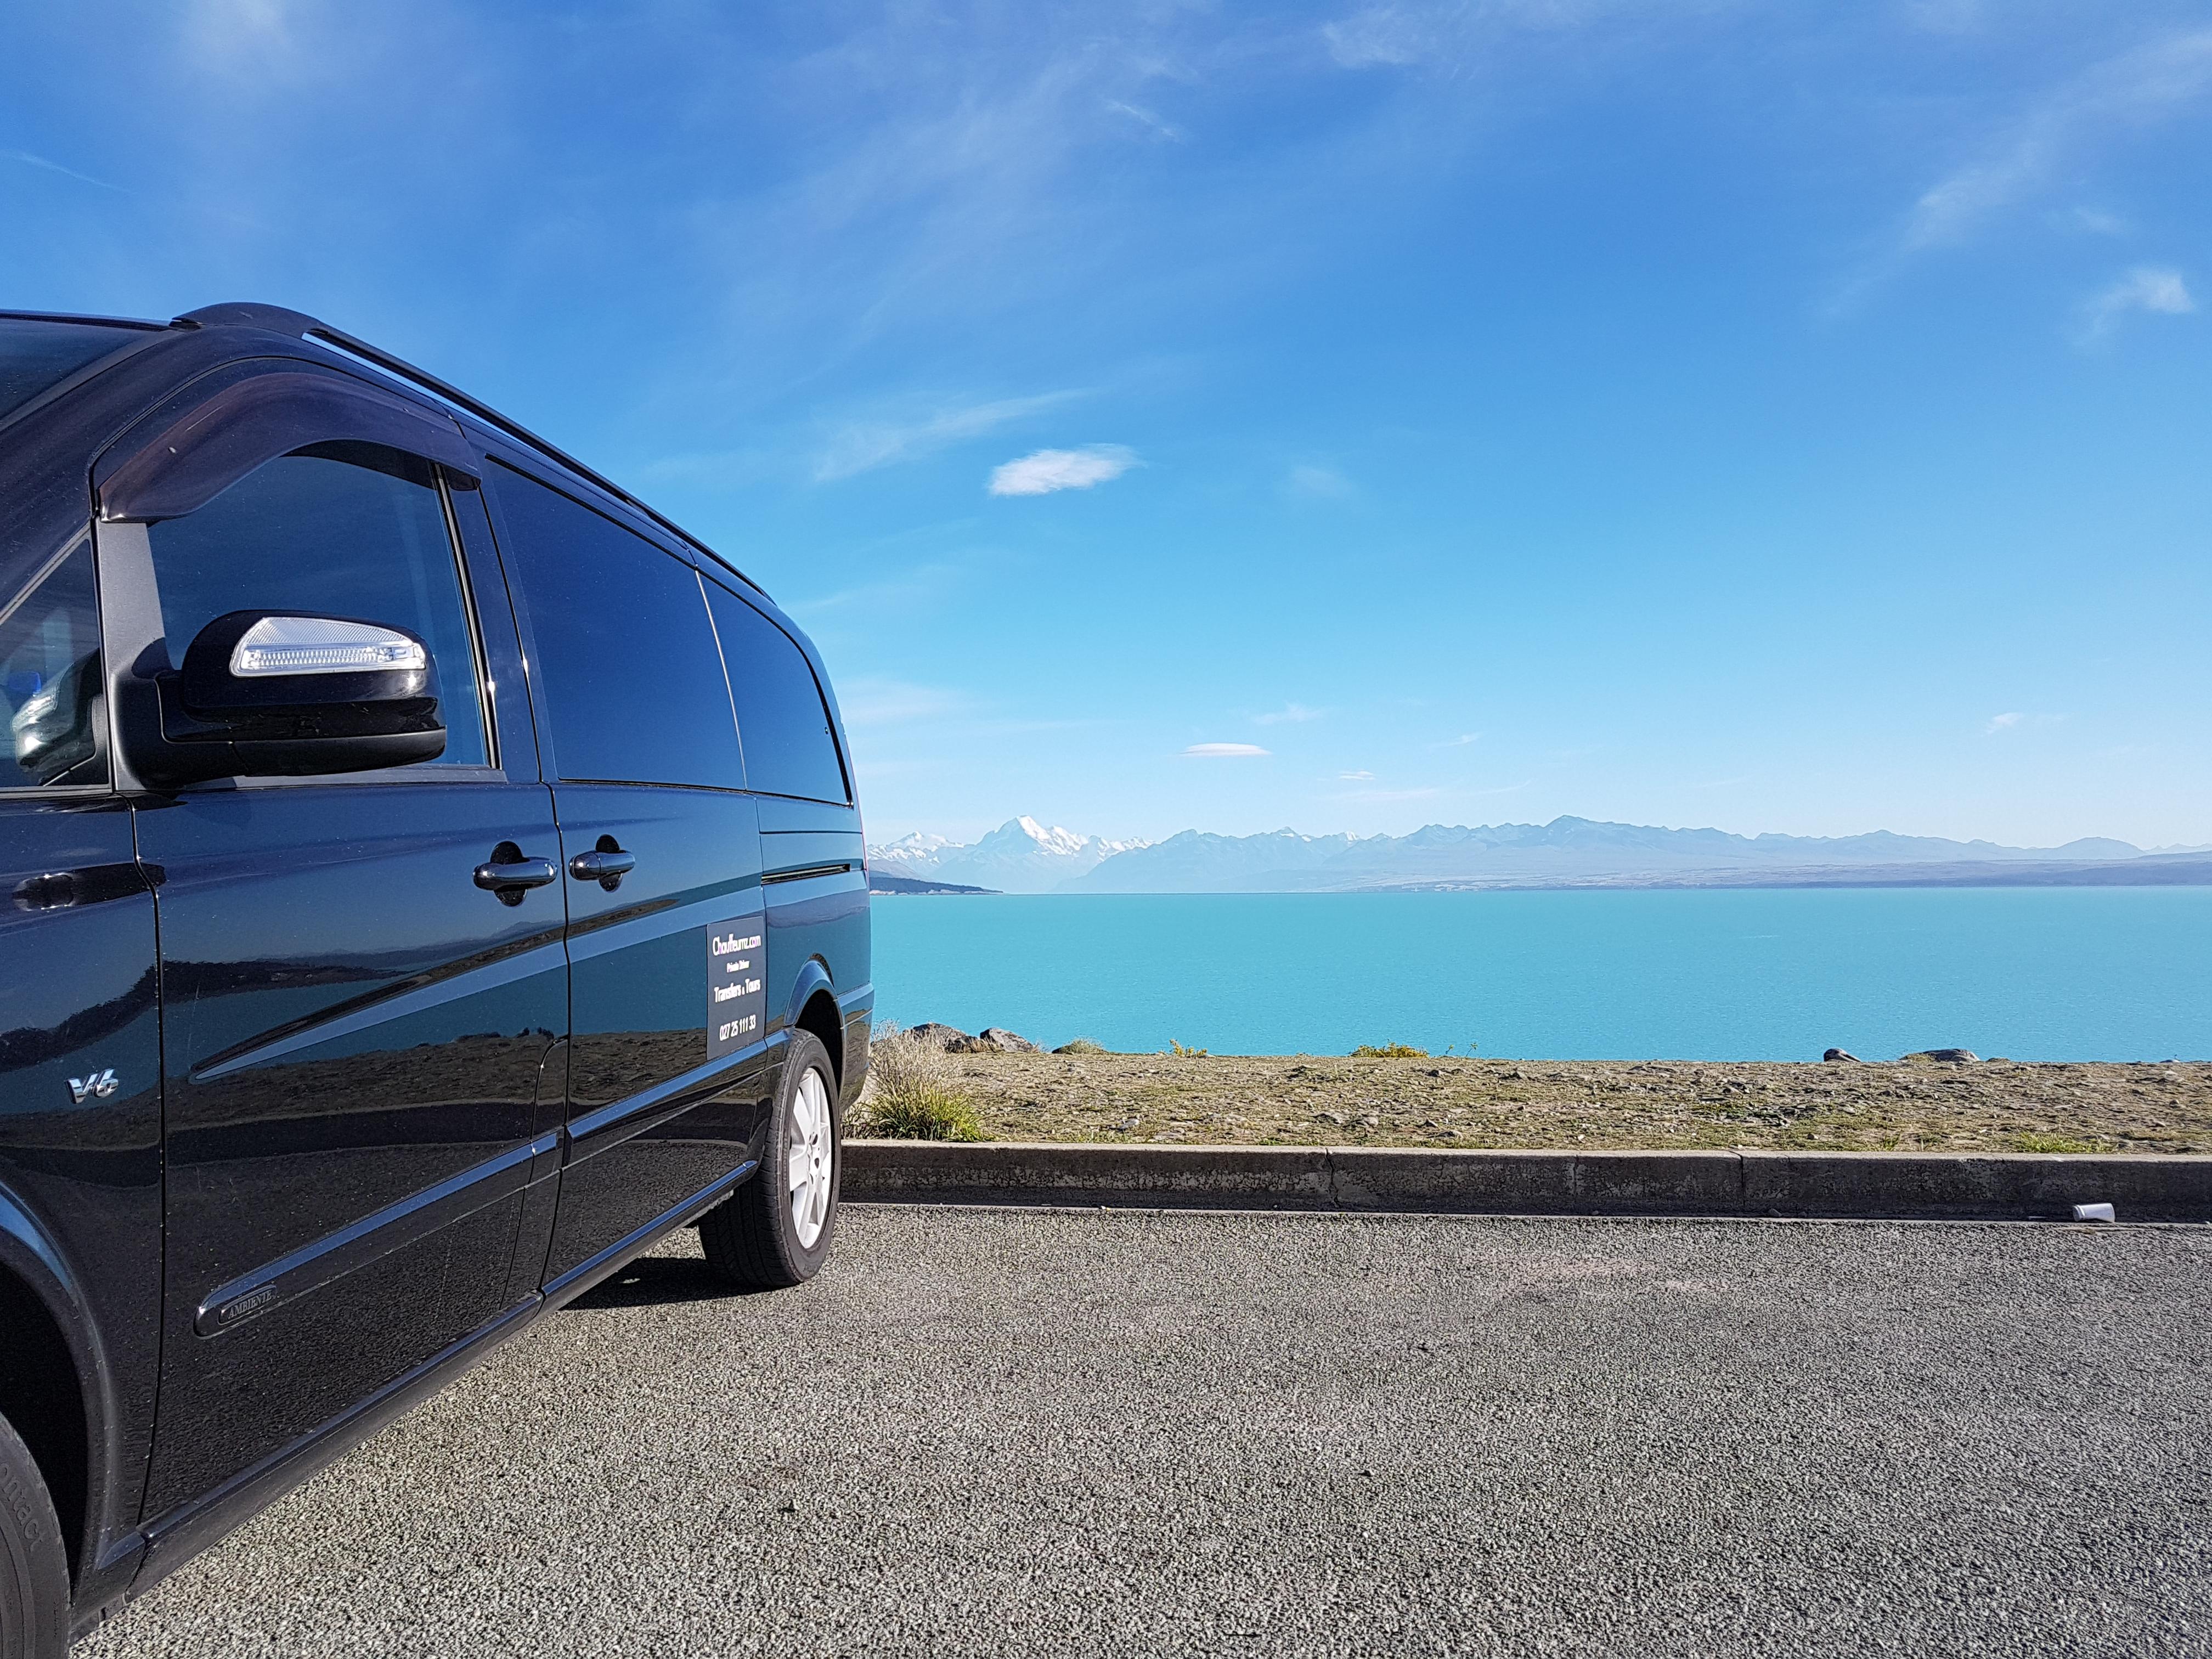 Mercedes Benz View of lake Pukaki